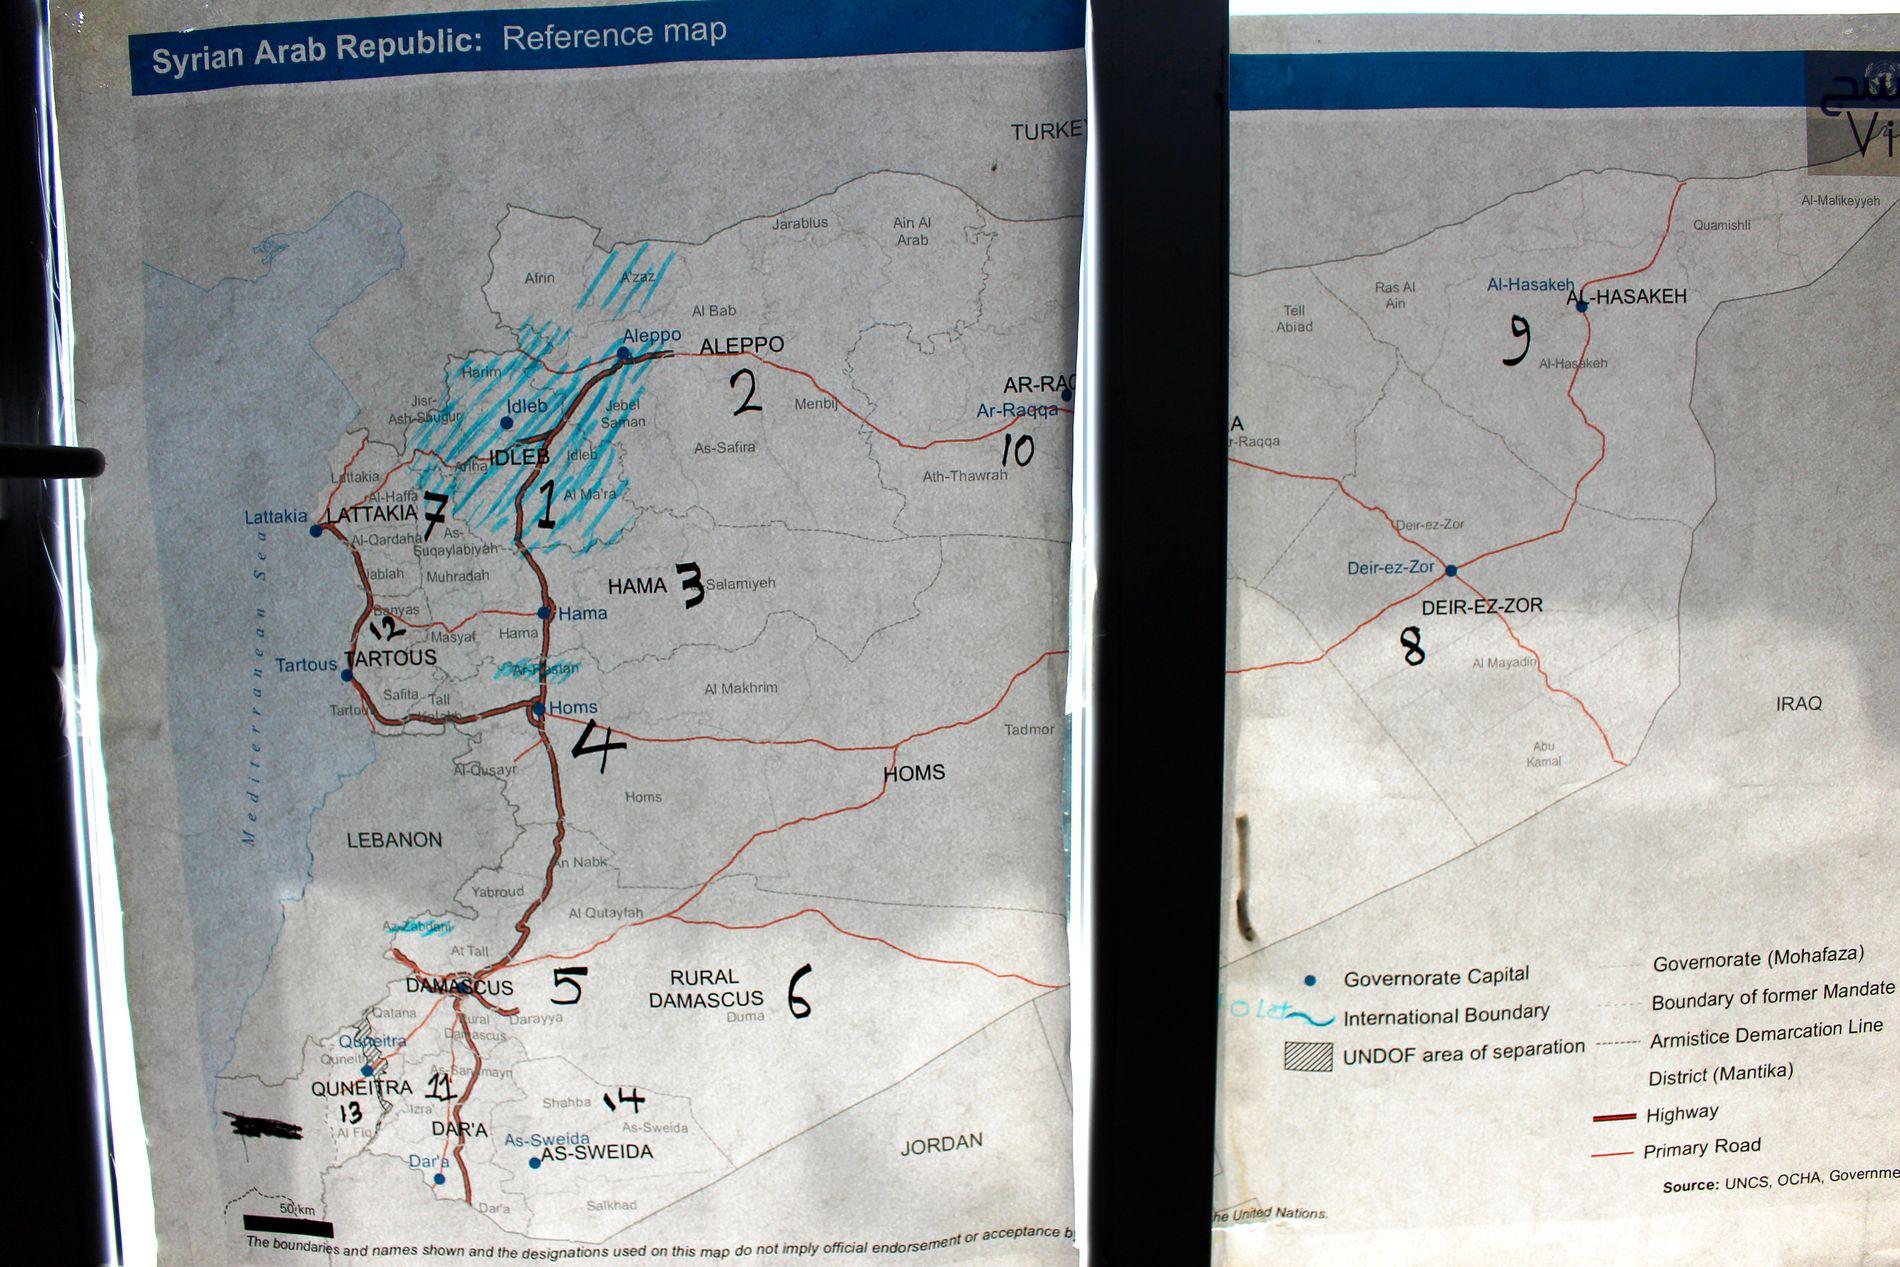 OPPRØRERNES PROVINS: Et kart over Syria, med Idlib-regionen markert med blå tusj, er hengt opp på vinduet hos en syrisk organisasjon i Hatay. Foto: NILAS JOHNSEN/VG